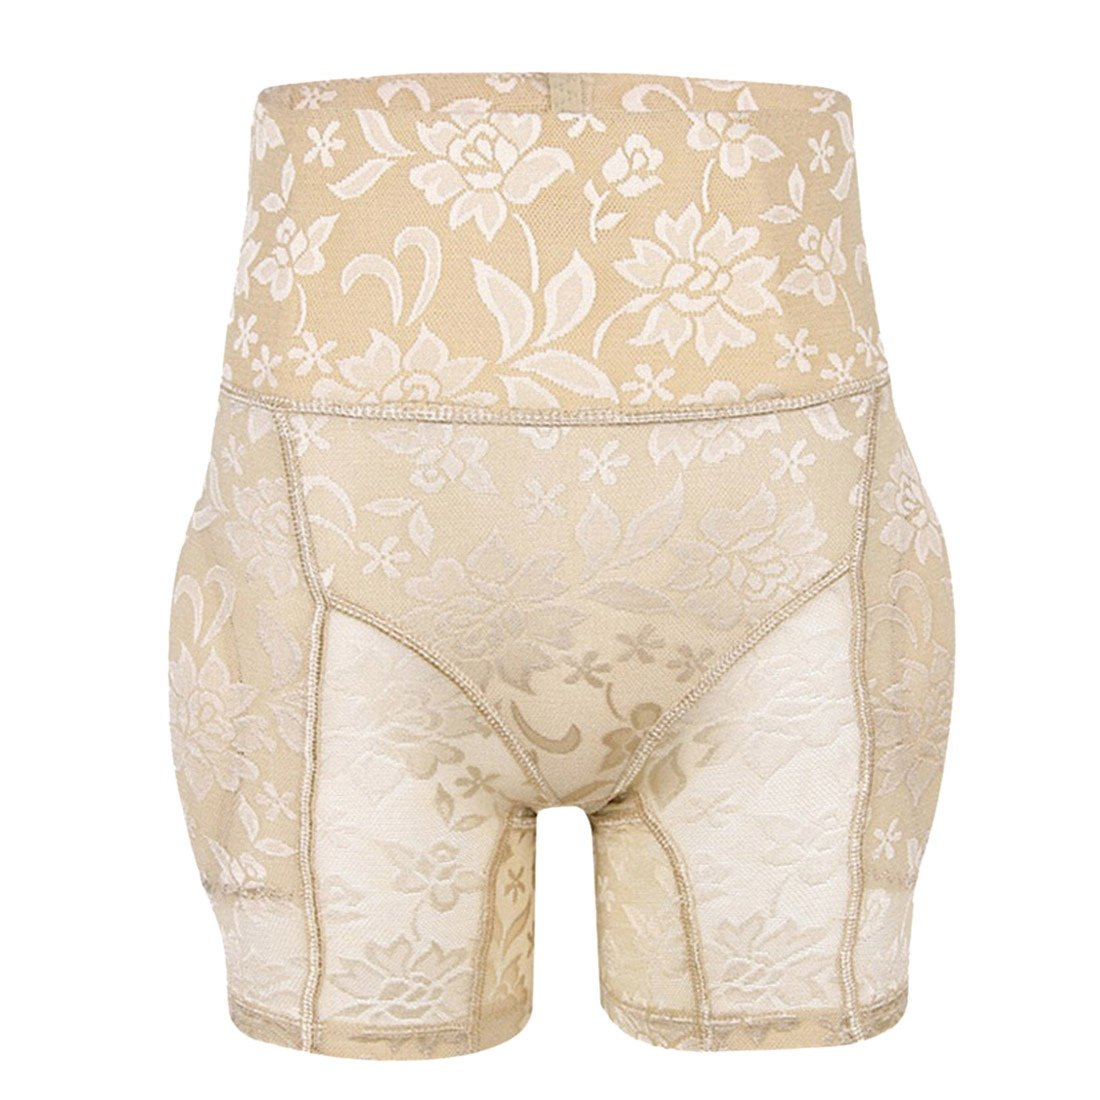 Beautylife88 Bum Lift Pants Padded Butt Hip Enhancer Booty Control XF0060/BECA